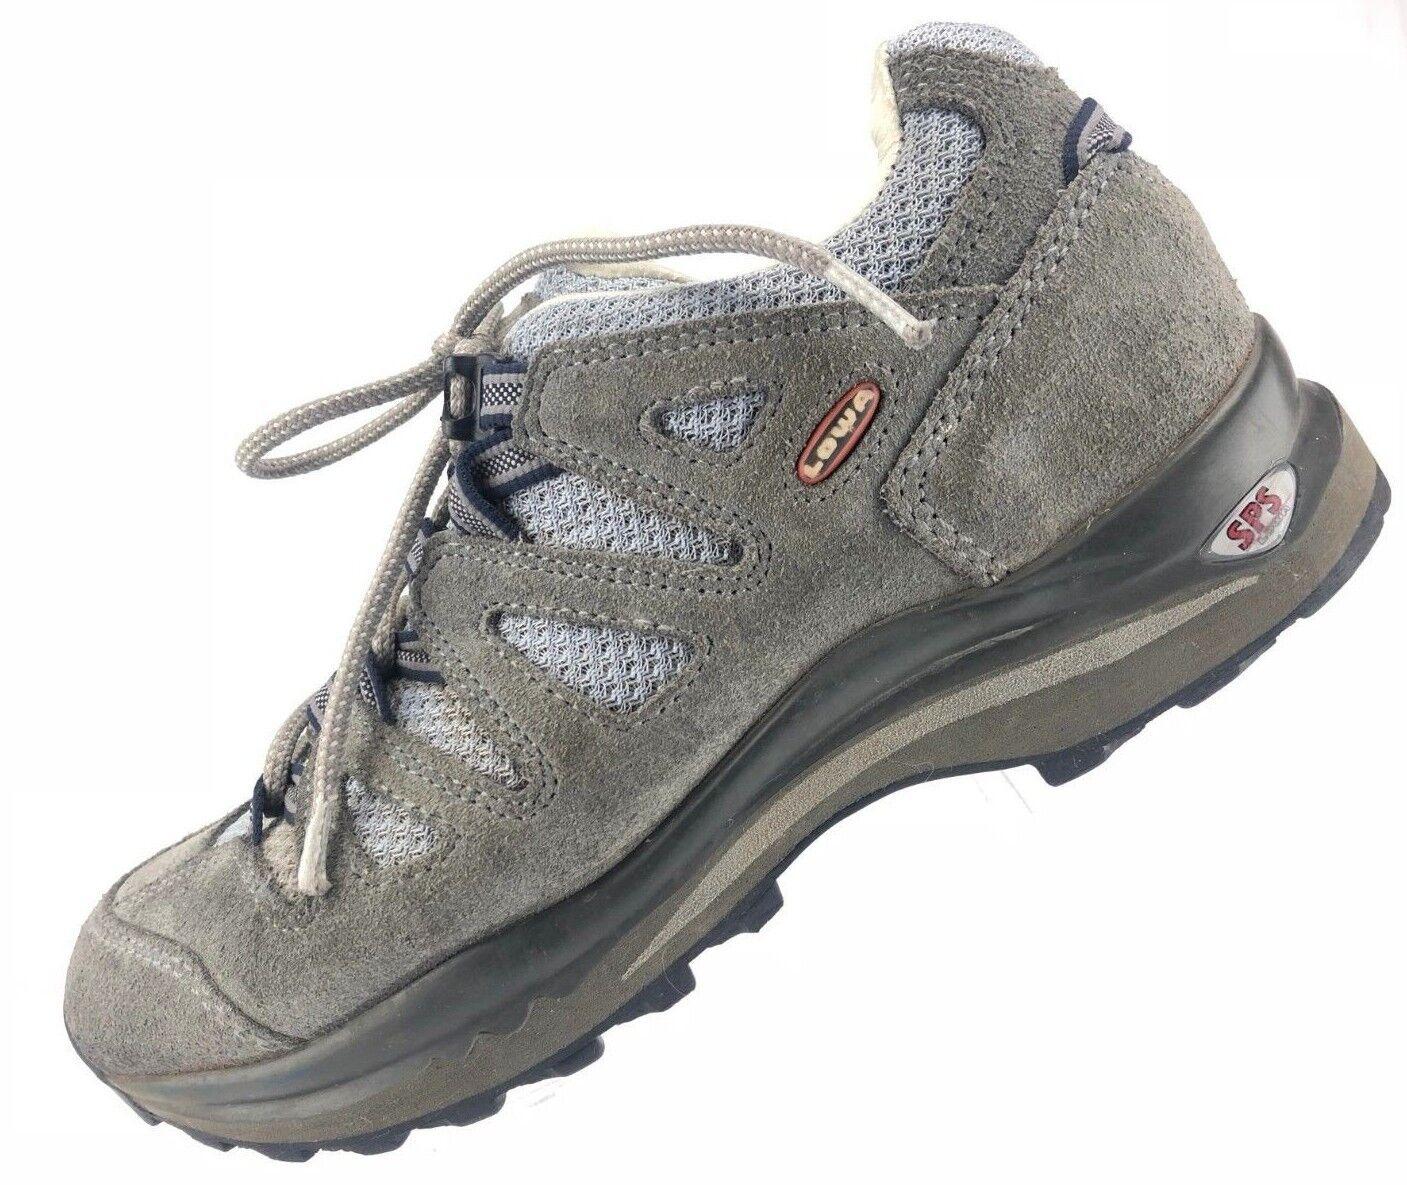 Lowa SPS Hiking scarpe - Gris Lace Up Trail In esecuzione Scarpe da Ginnastica Italy Donna Sz 6.5